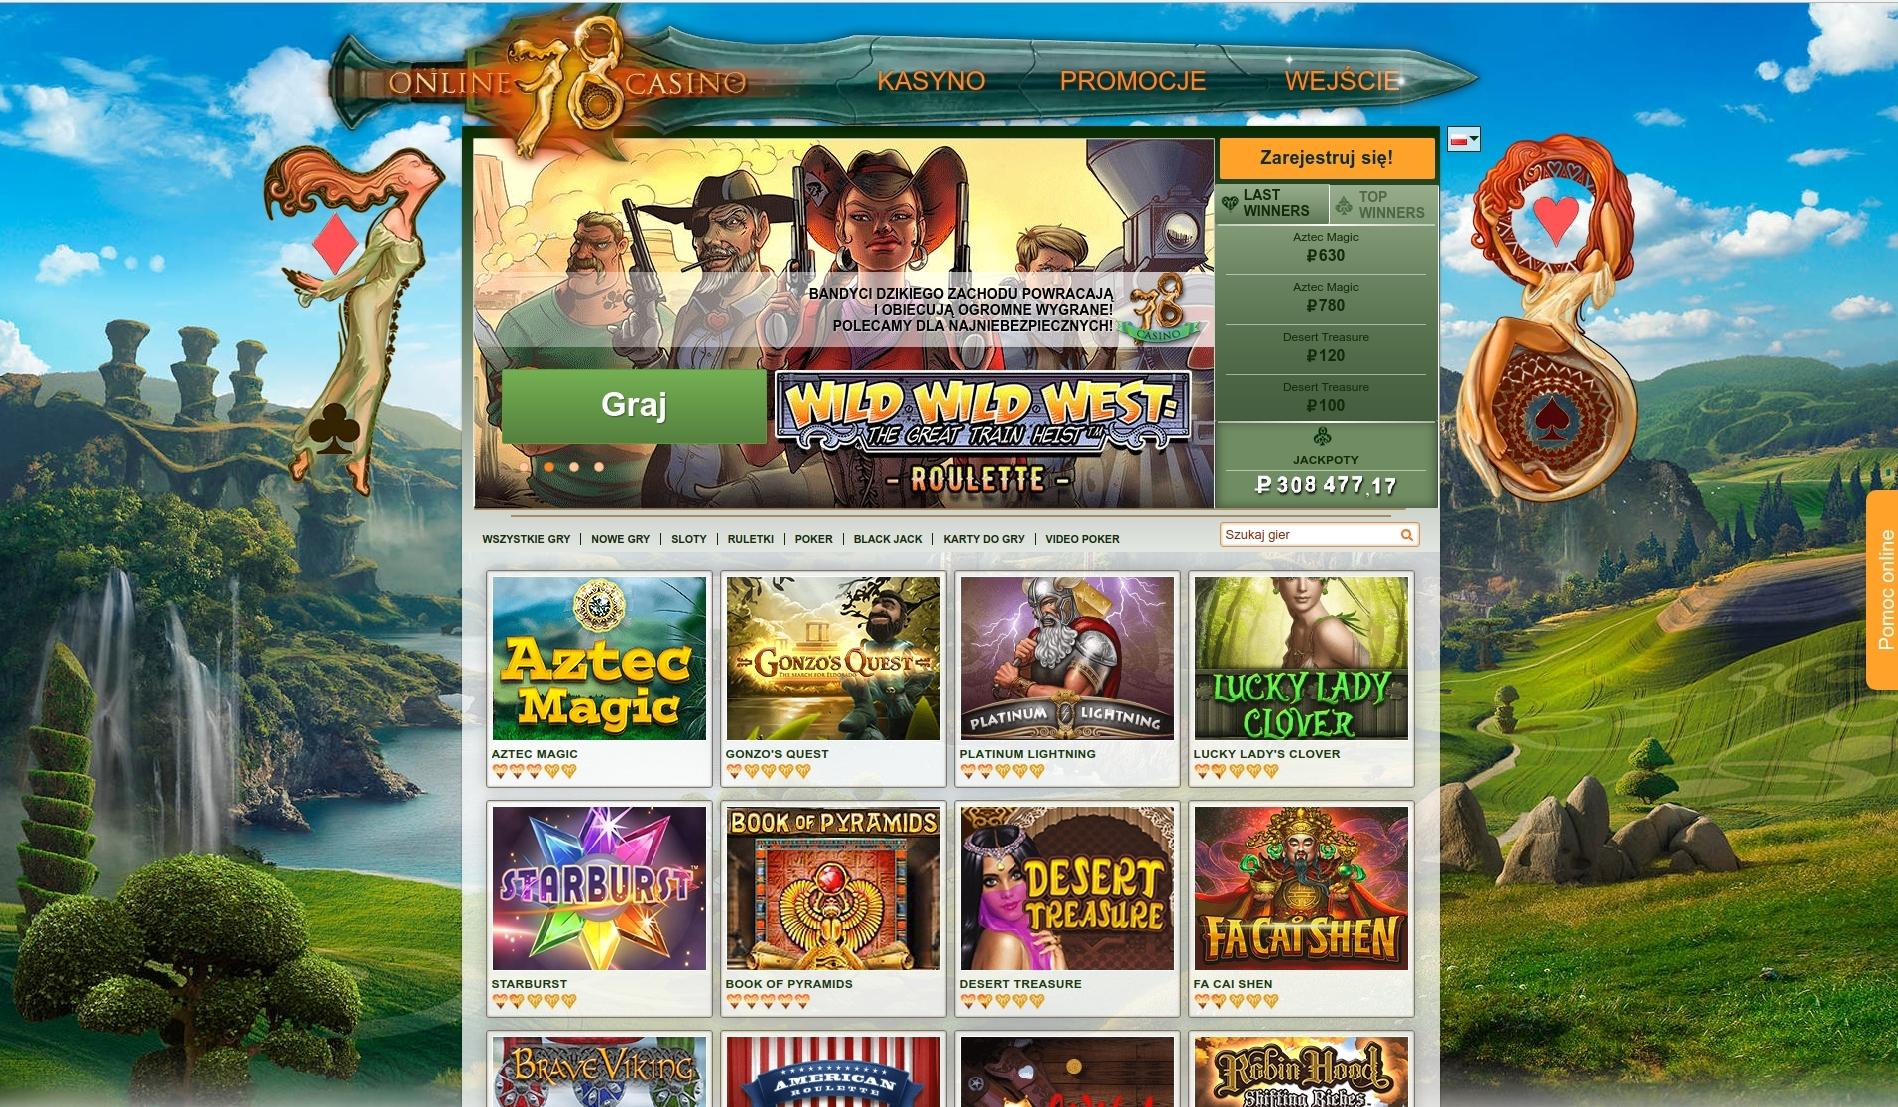 слот 78 казино официальный сайт